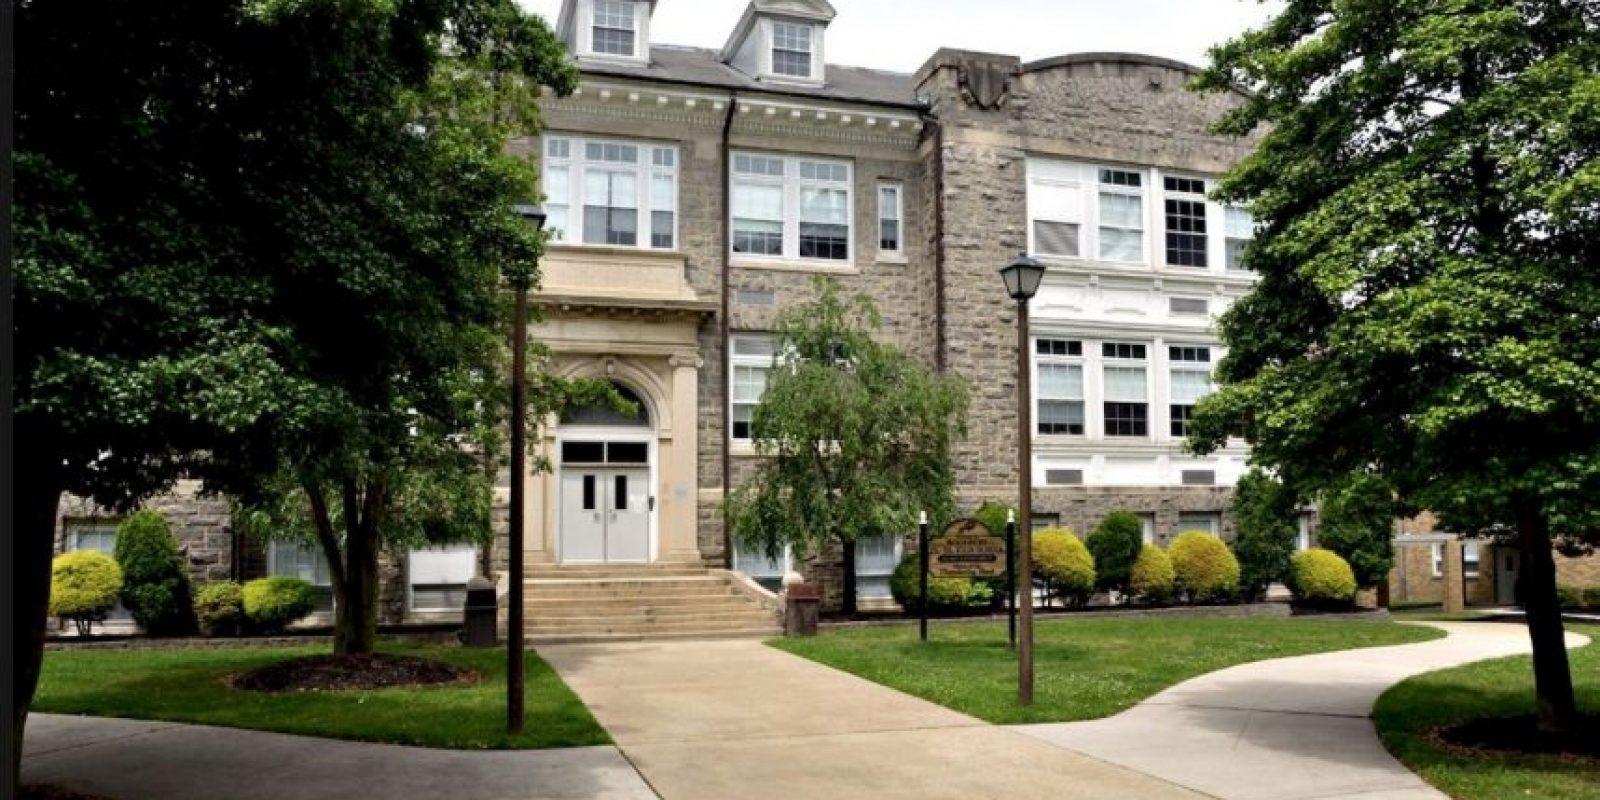 Langford espera que su alumnos sepan que los respalda. Foto:facebook.com/WoodburyCityPublicSchools